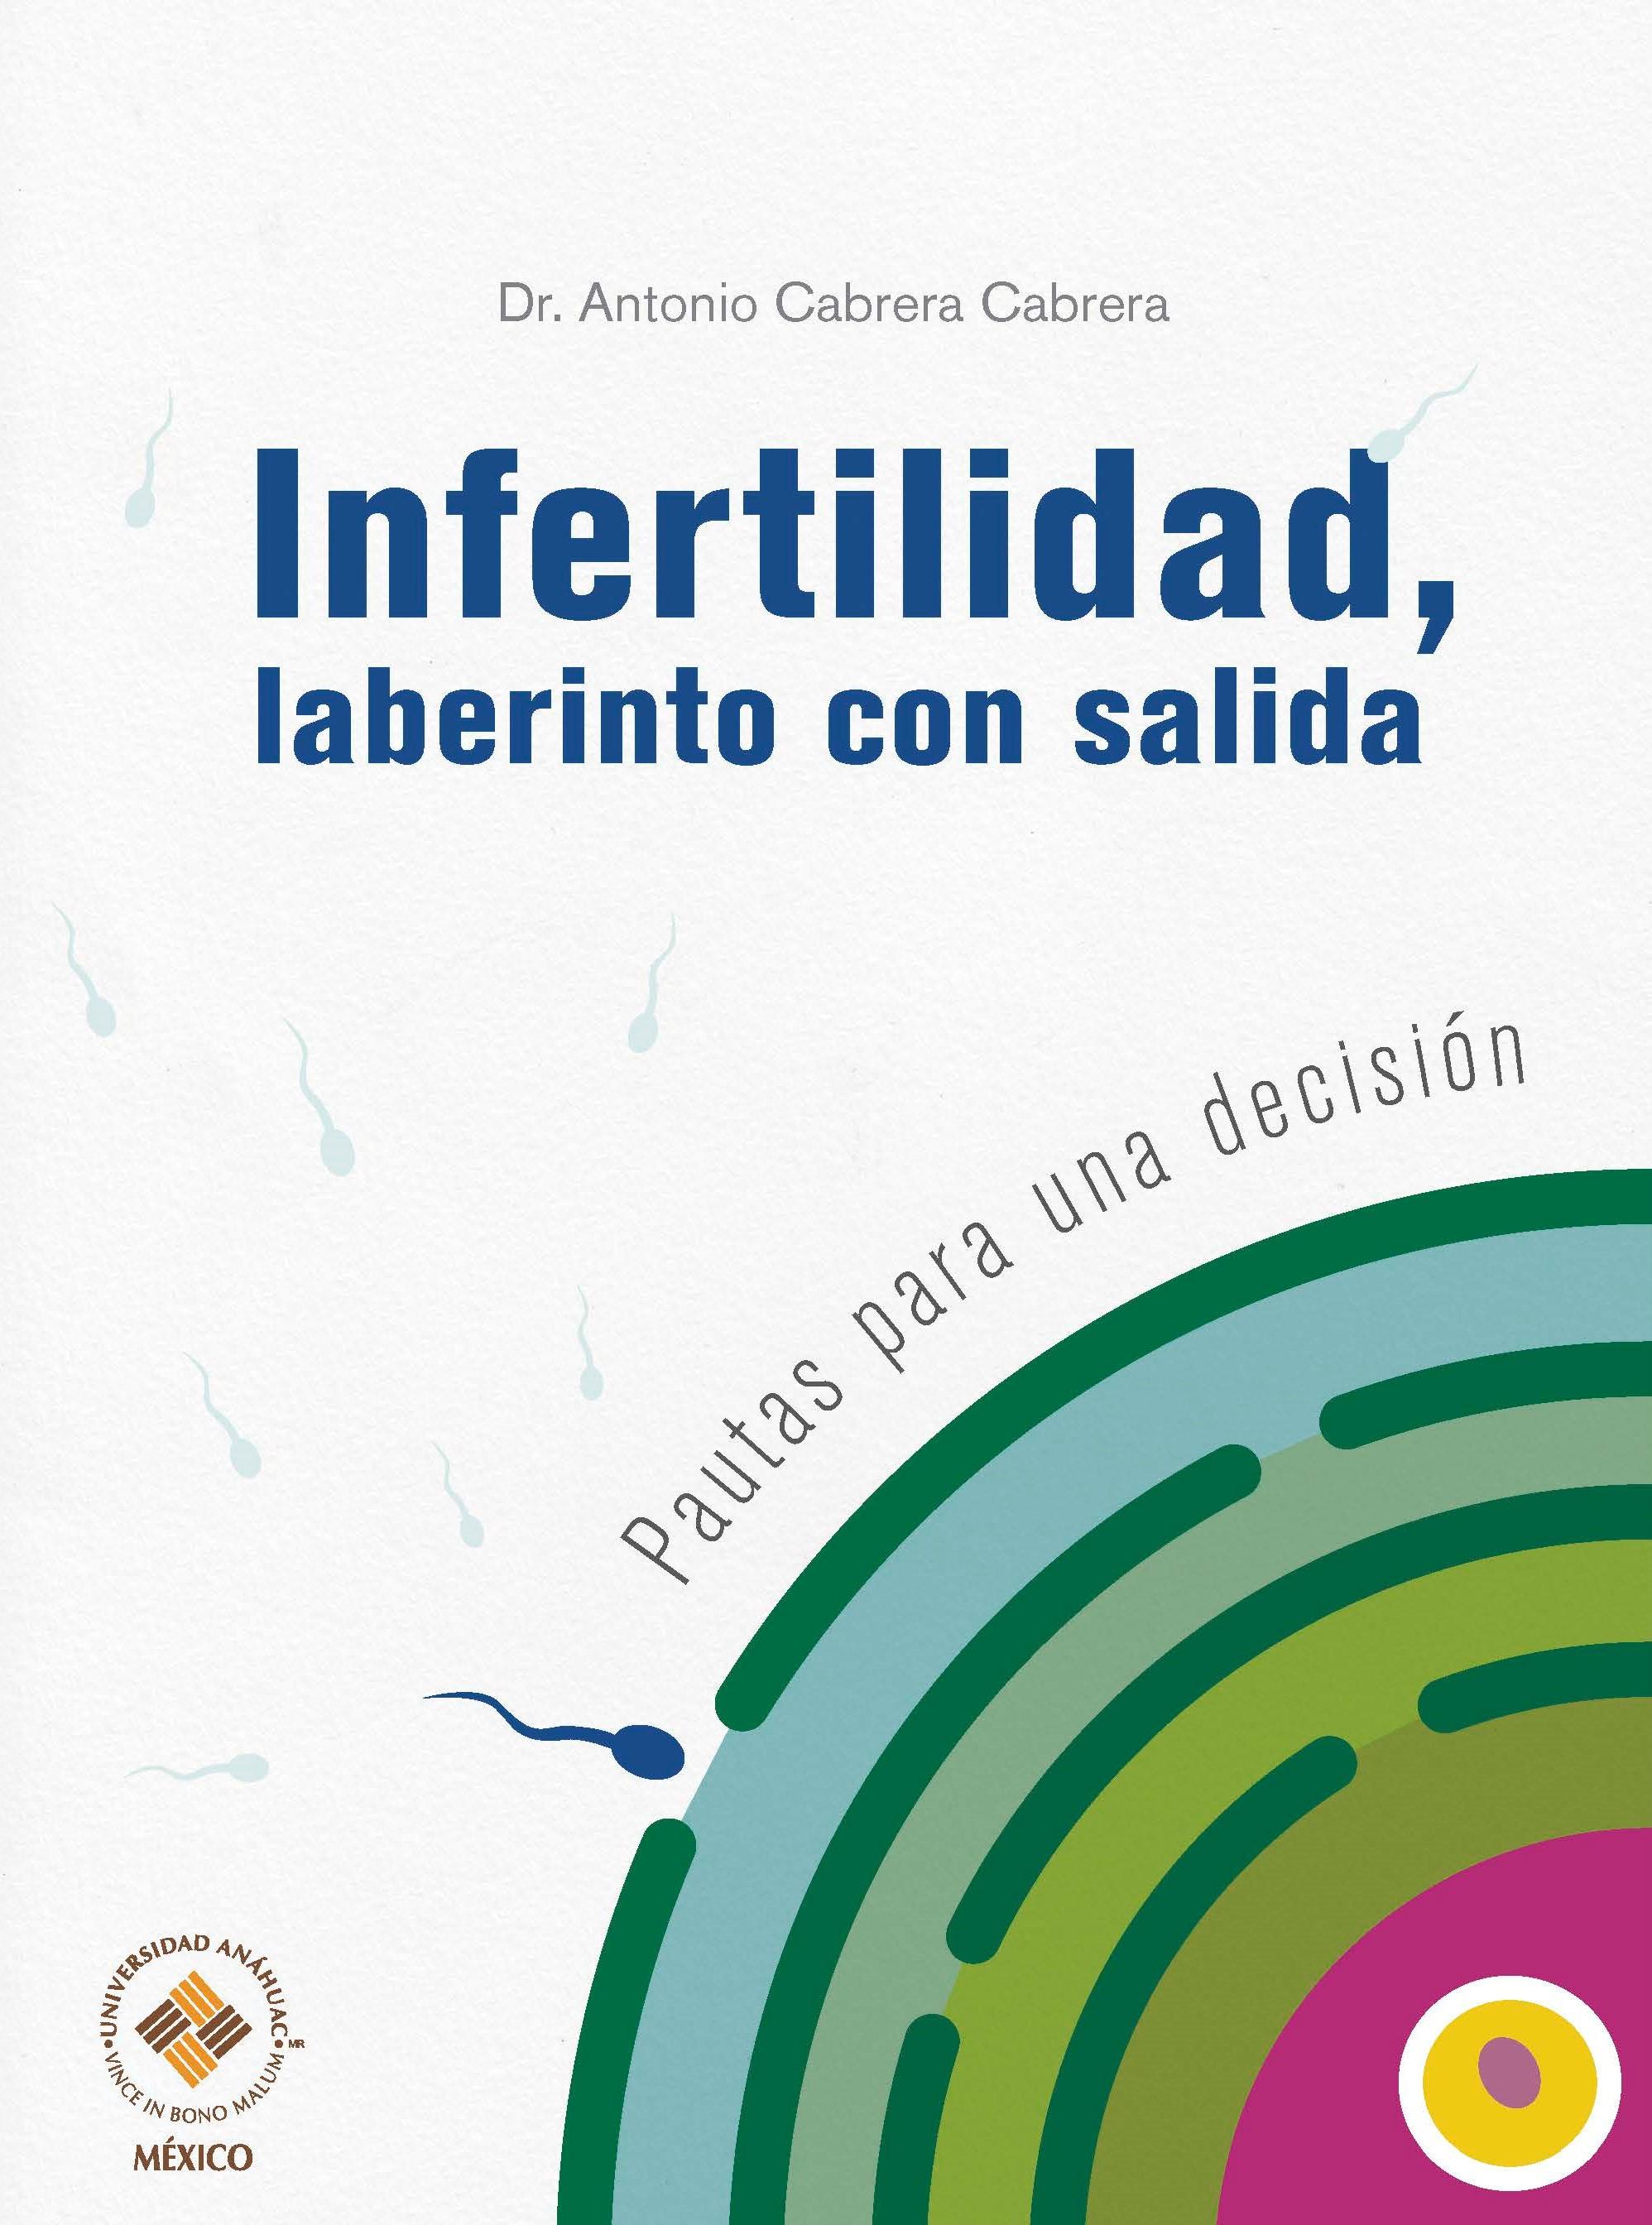 Infertilidad, laberinto con salida